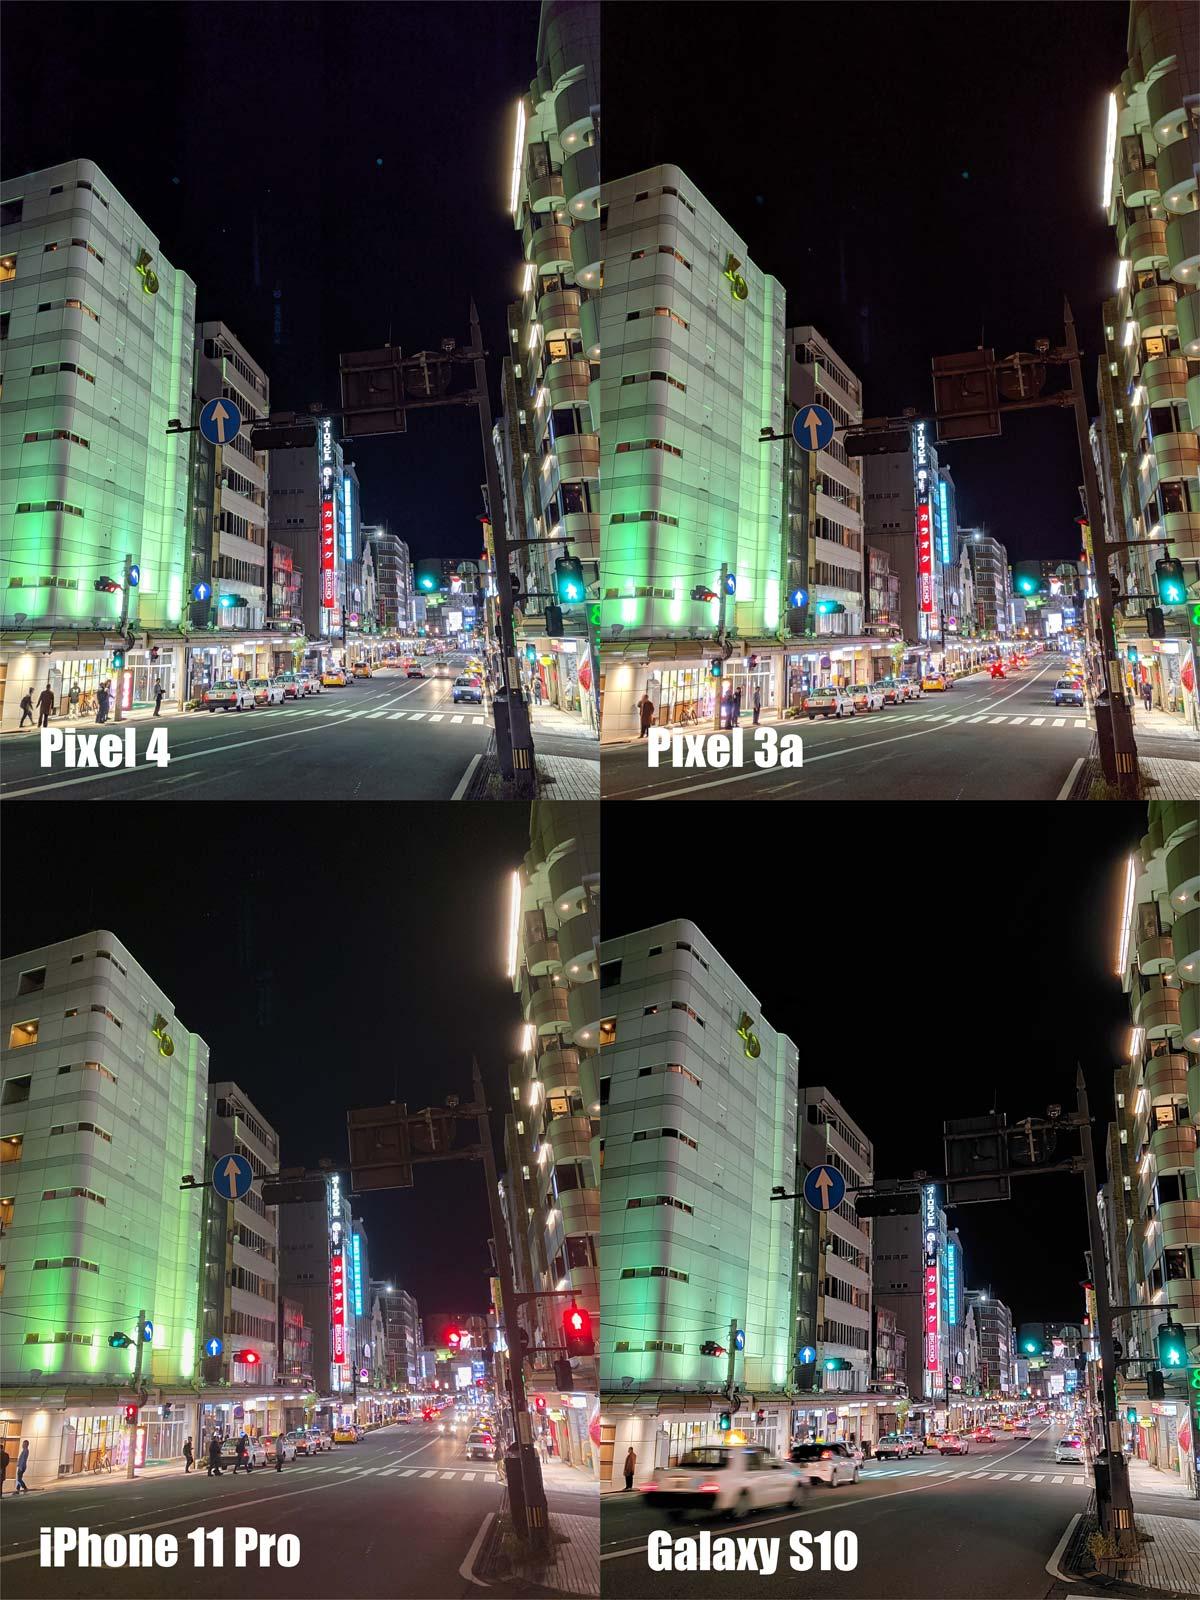 夜の街並み ナイトモードの比較